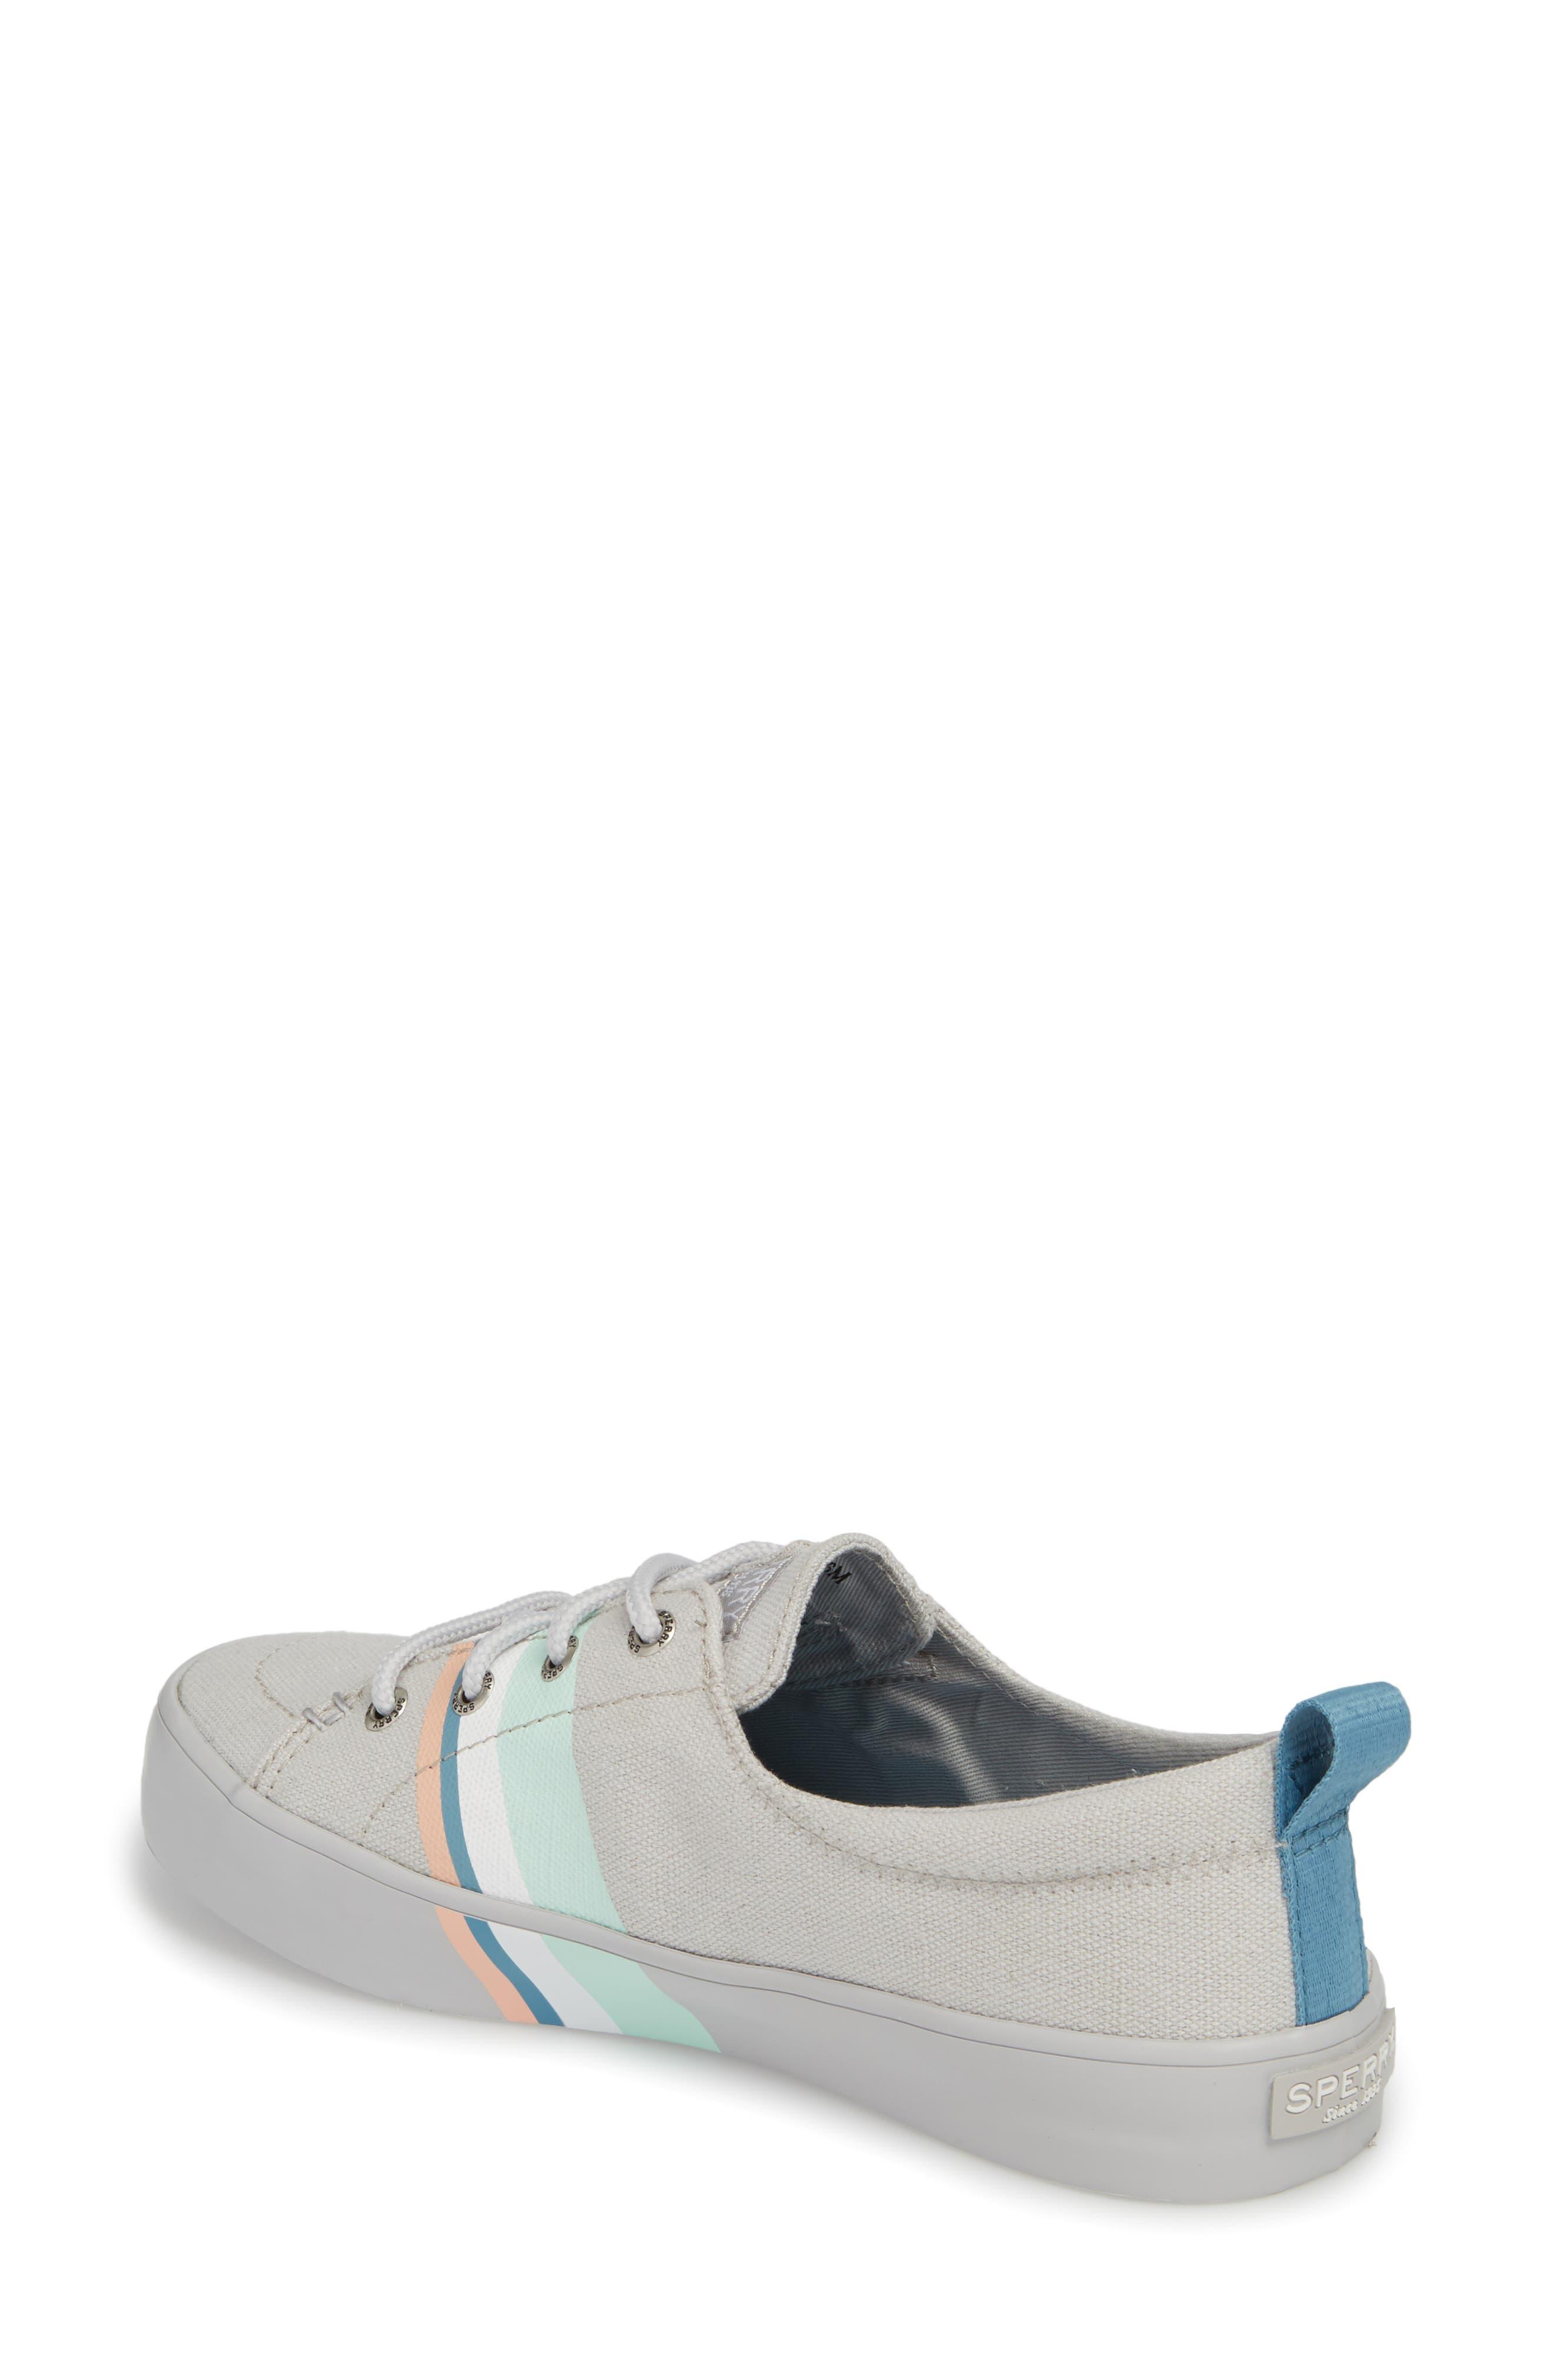 Crest Vibe Slip-On Sneaker,                             Alternate thumbnail 2, color,                             050